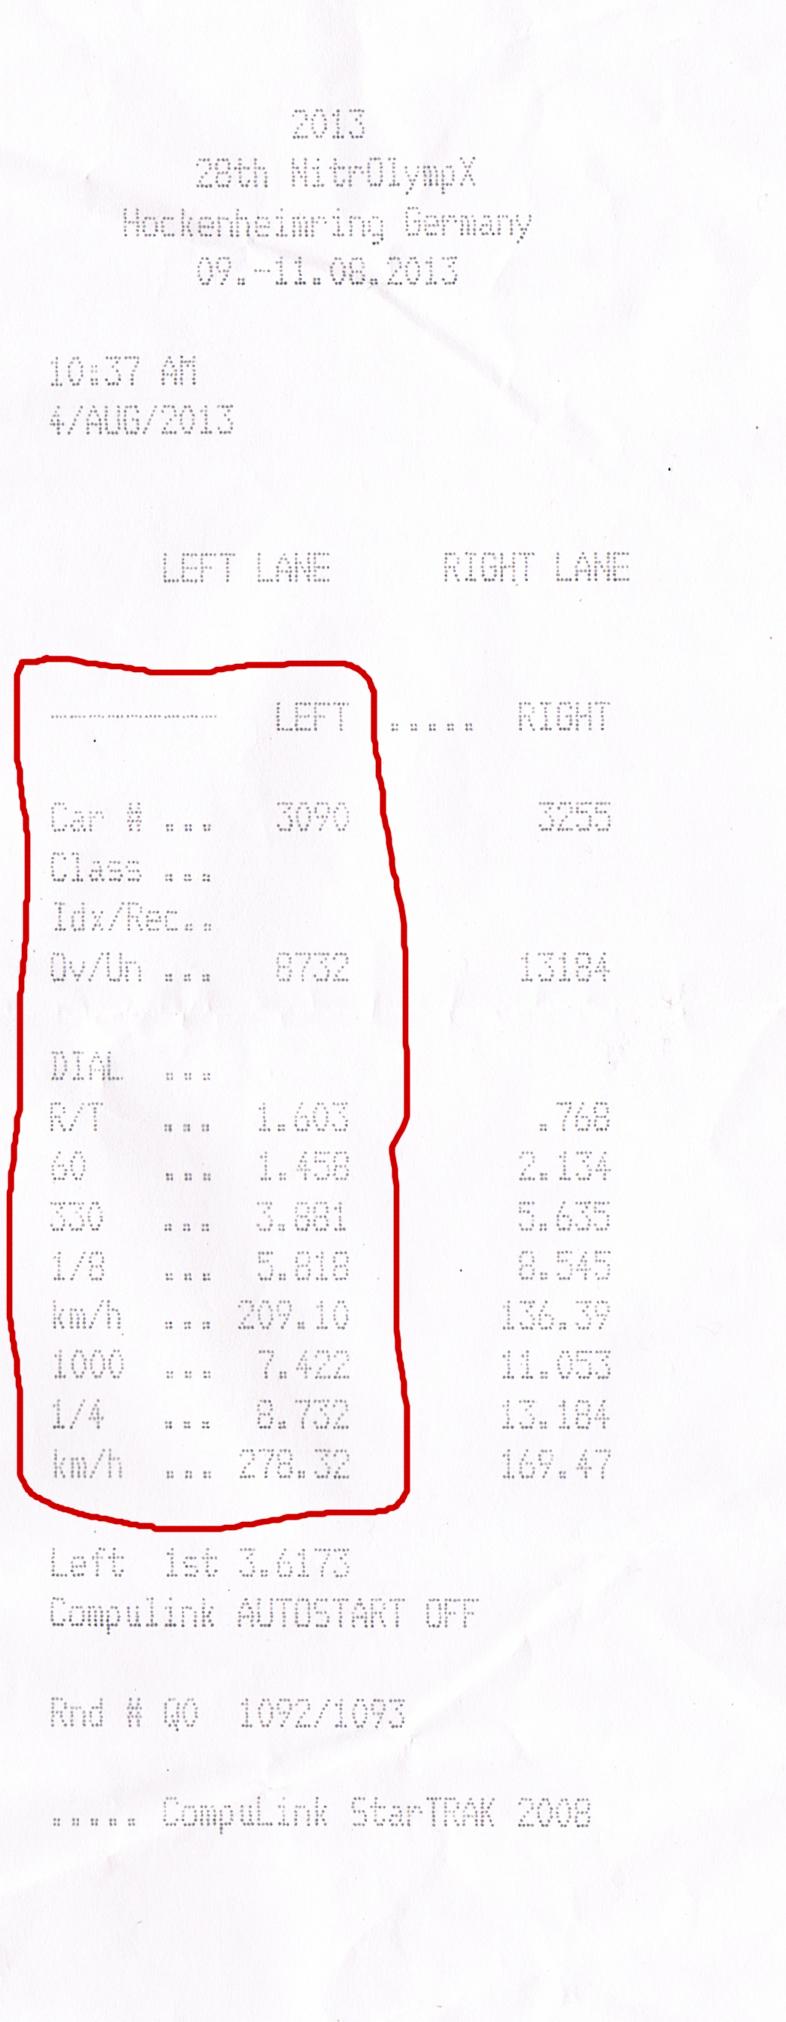 2007 Mitsubishi Lancer EVO AMS/STM Drag Evo IX 1/4 mile